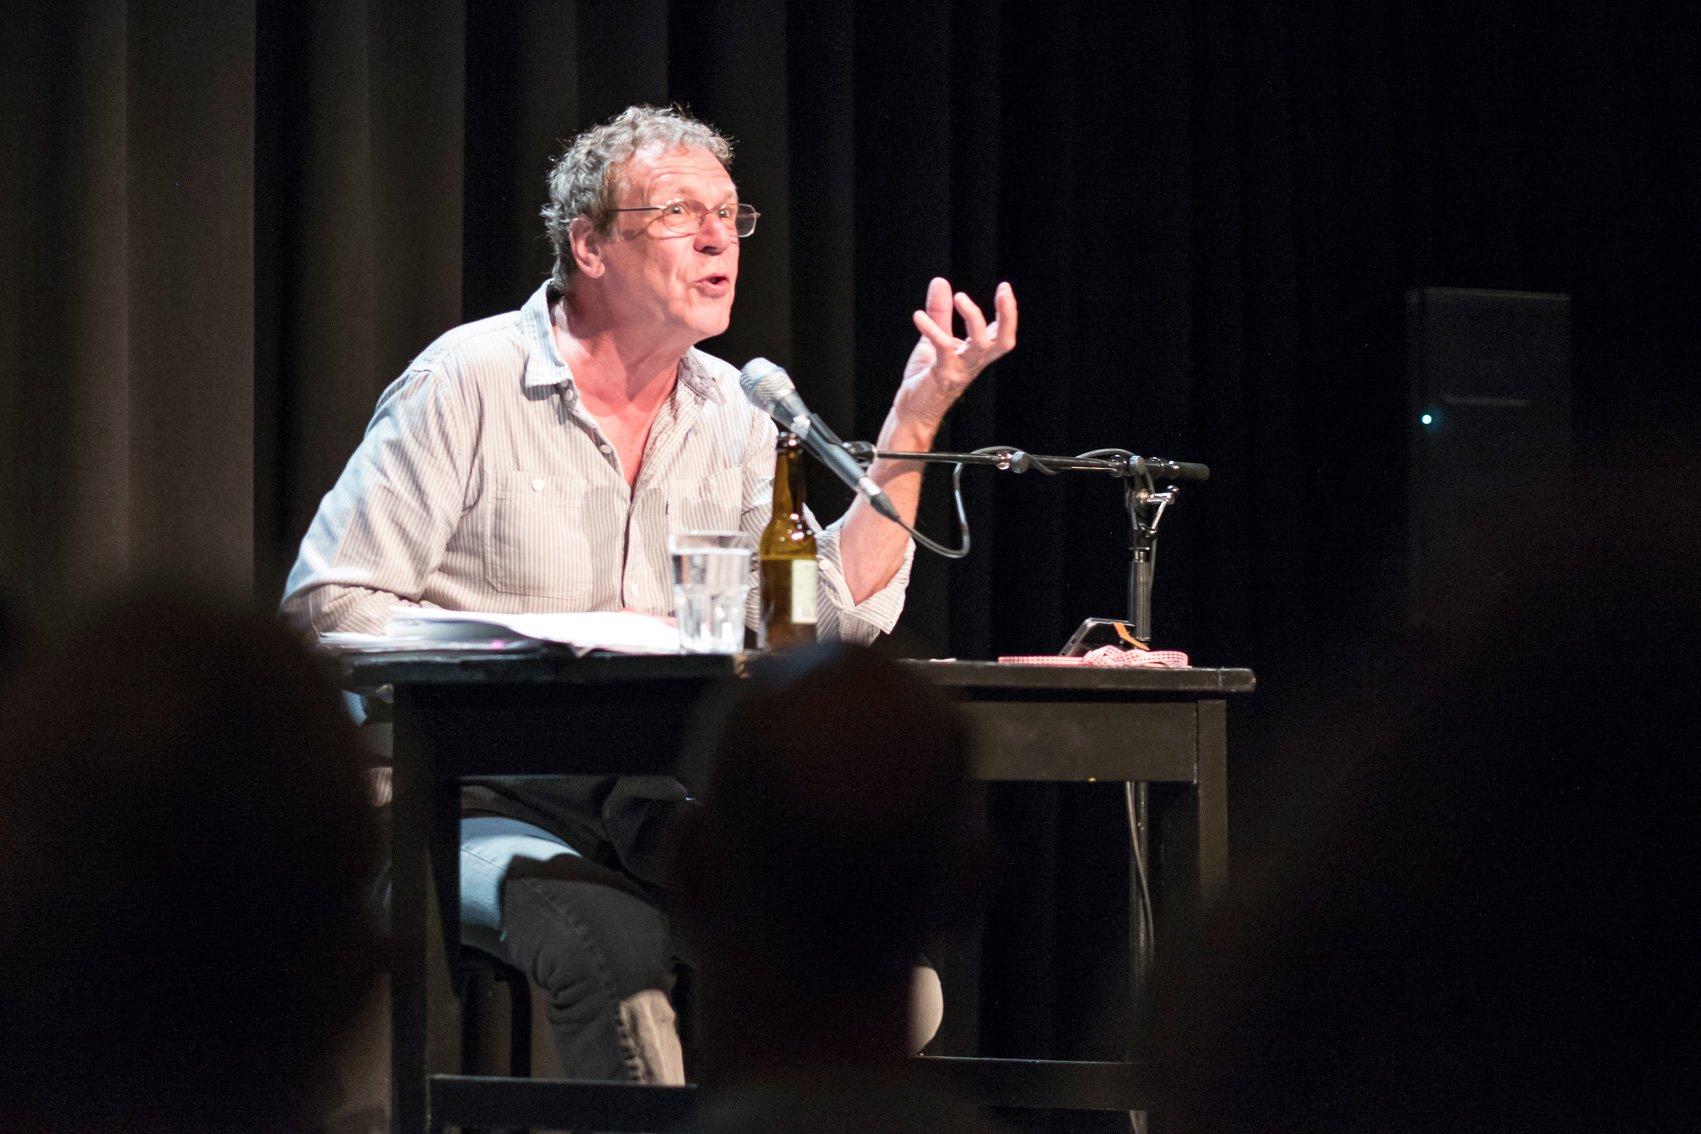 Eigentlich hat sich Georg Schramm 2014 von der Bühne verabschiedet – für das Sommerfestival in Luzern machte er eine Ausnahme.